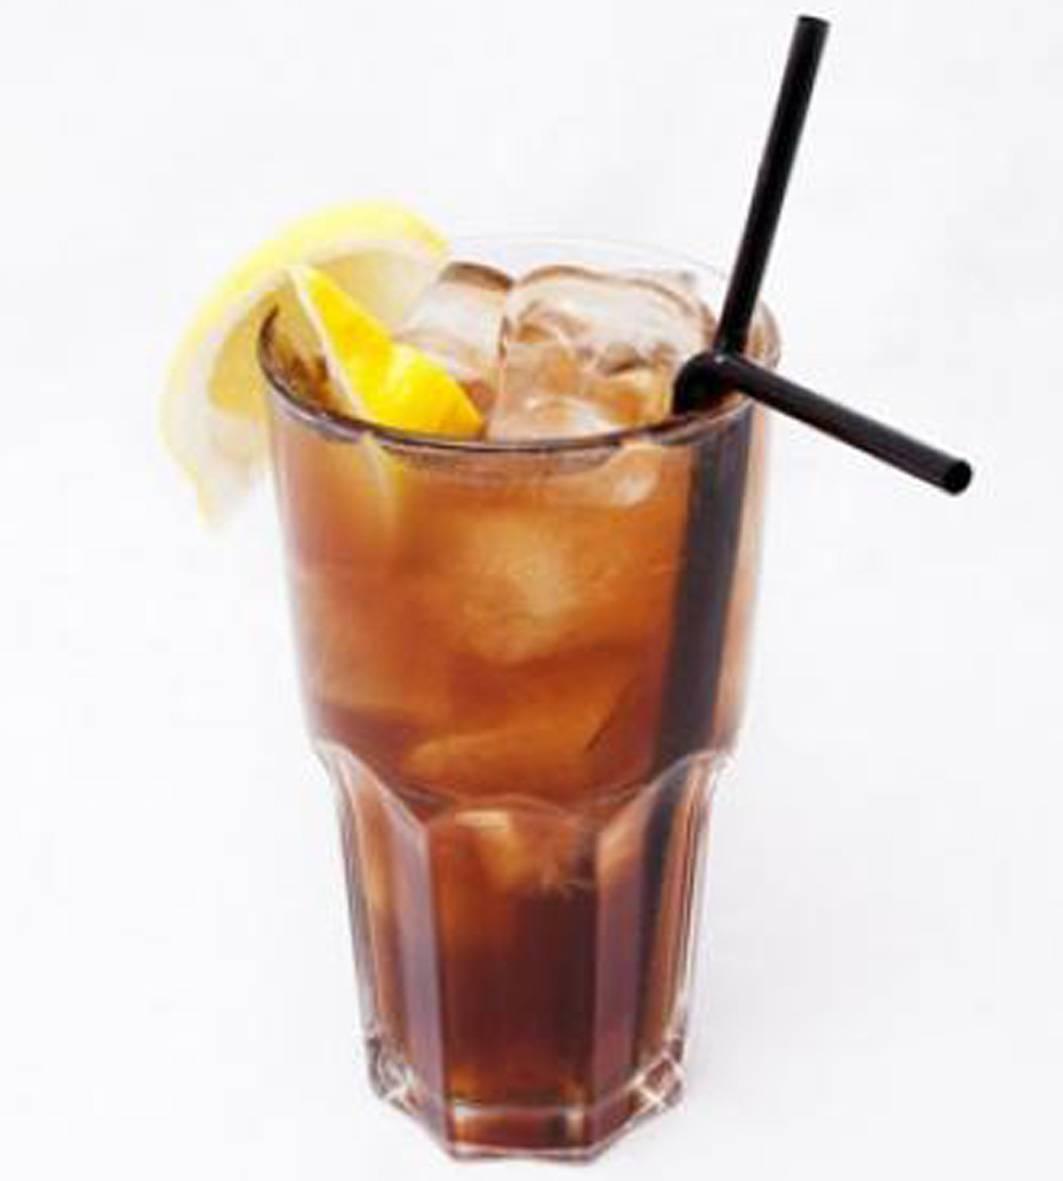 Коктейль лонг айленд рецепт с фото пошагово - 1000.menu